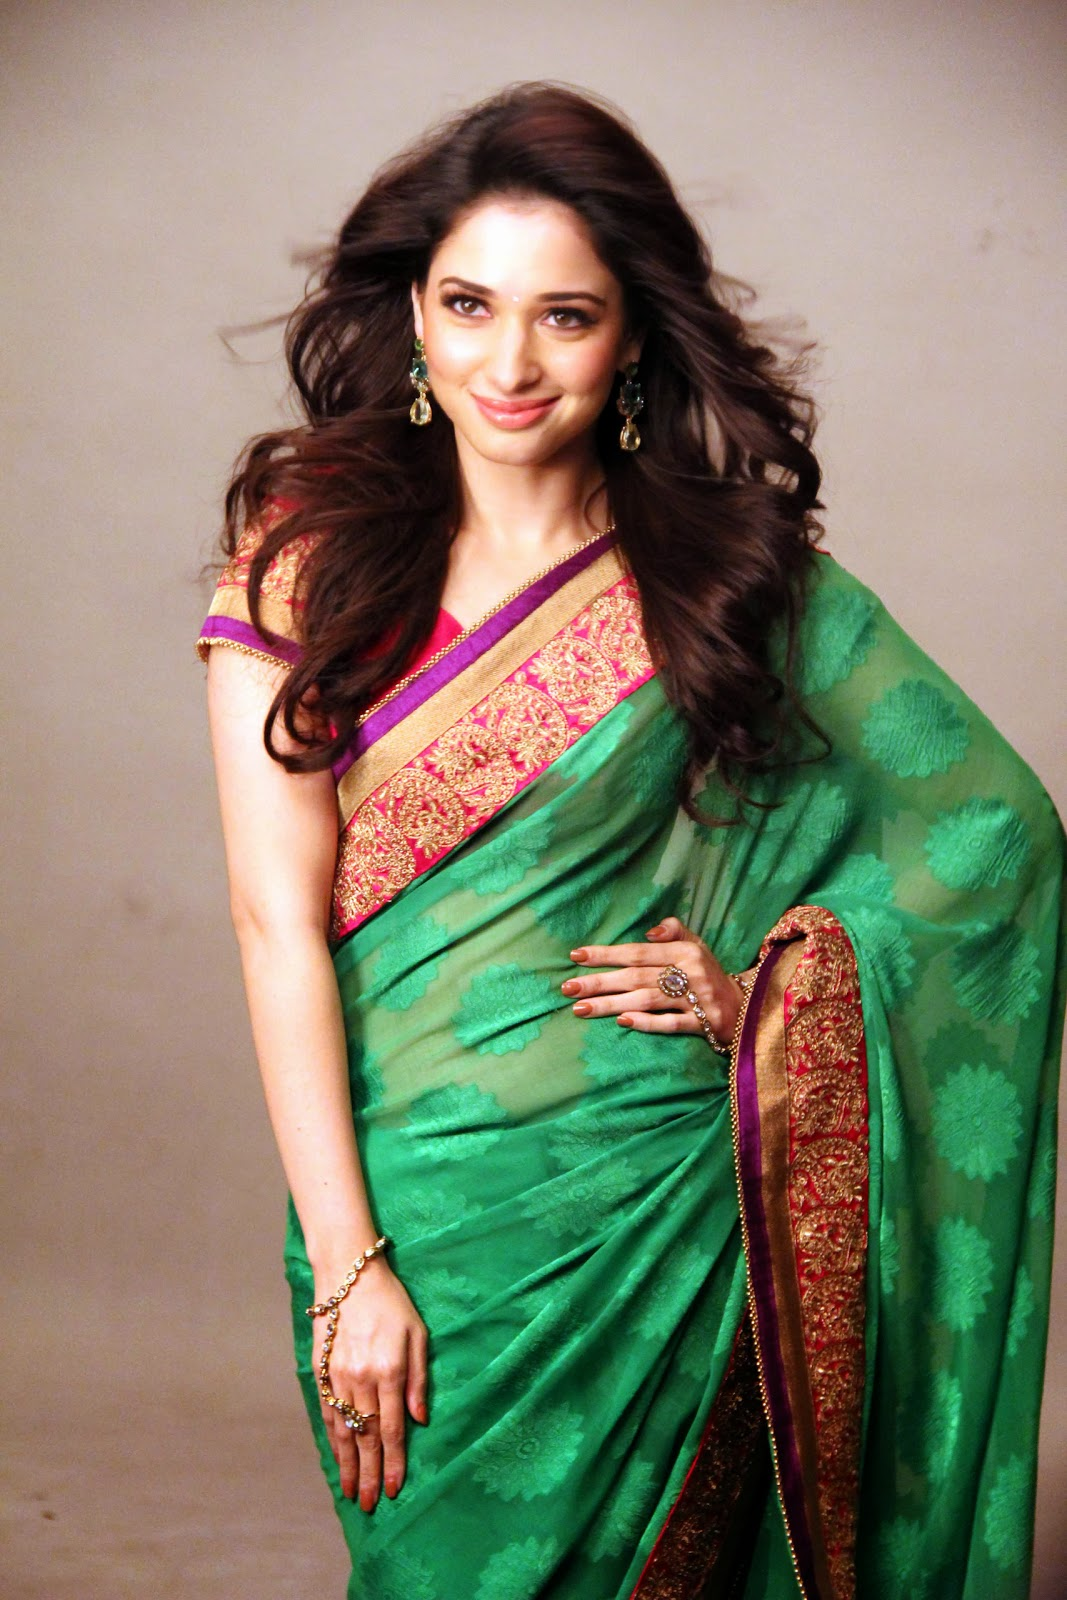 Tamanna Saree Gulte: Tamanna: Tamanna Bhatia Photoshoot For Joh Rivaaj